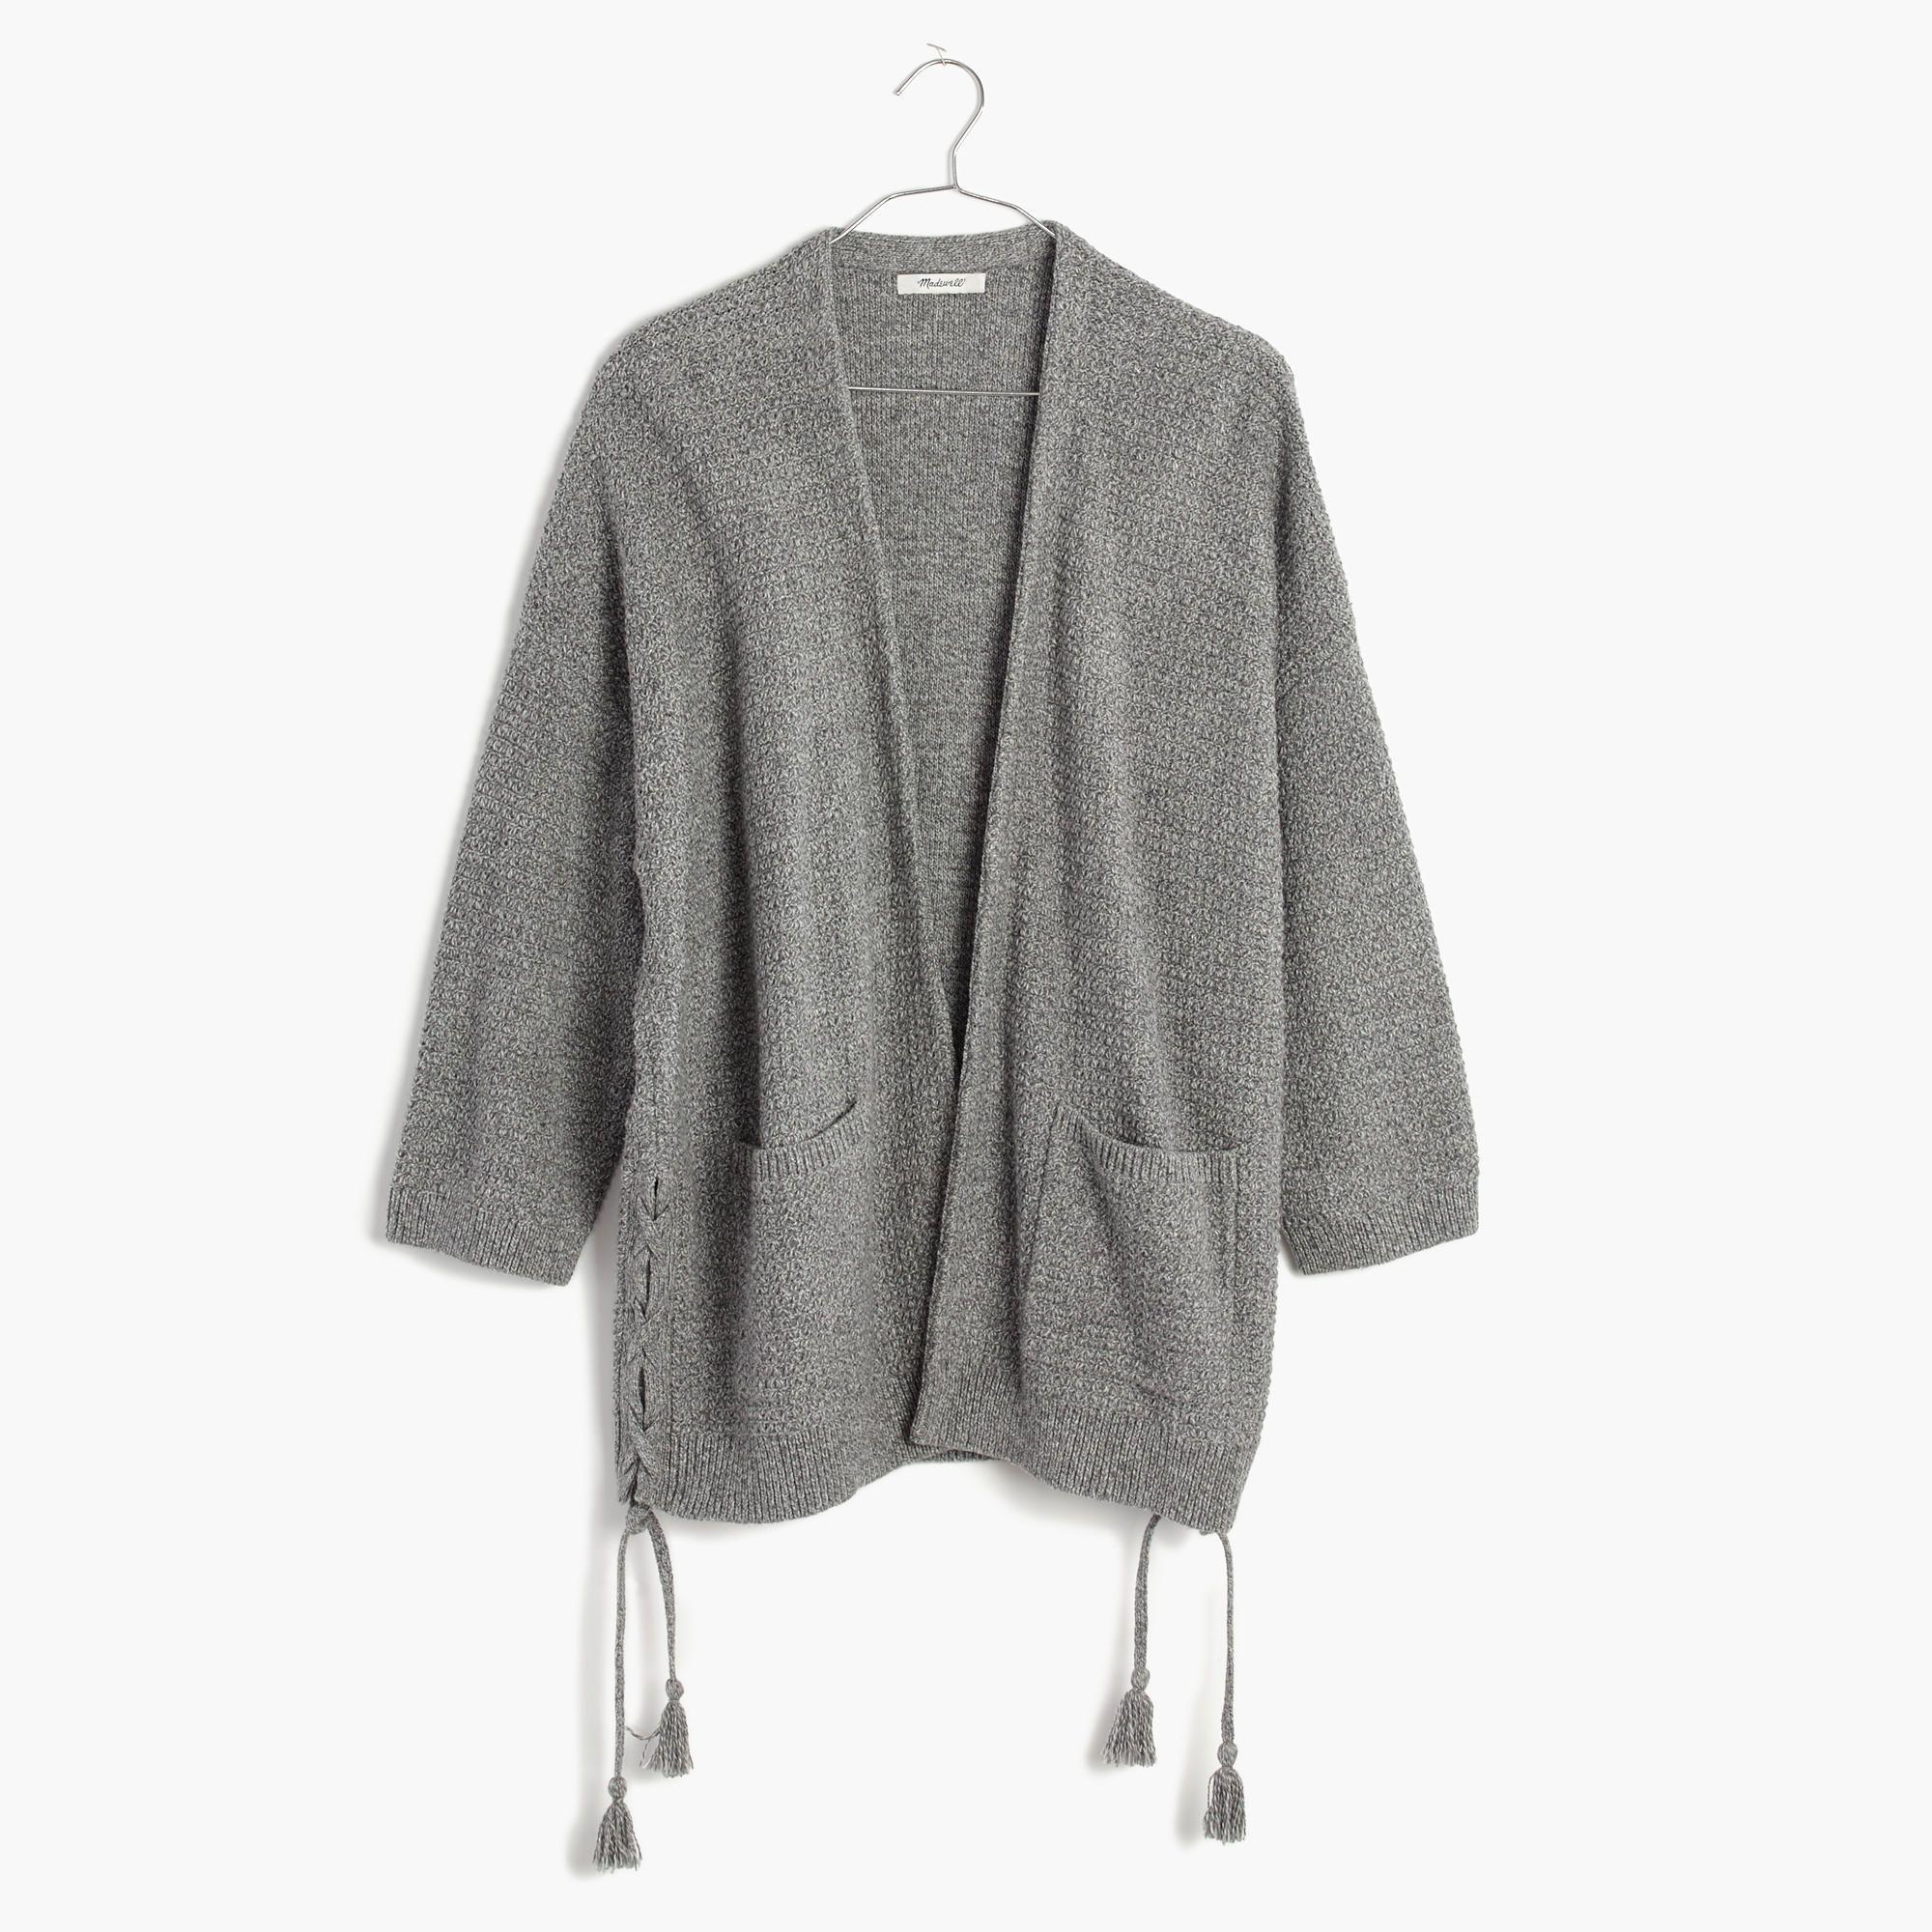 Side-Lace Cardigan Sweater - Madewell   Stuffy stuff   Pinterest ...